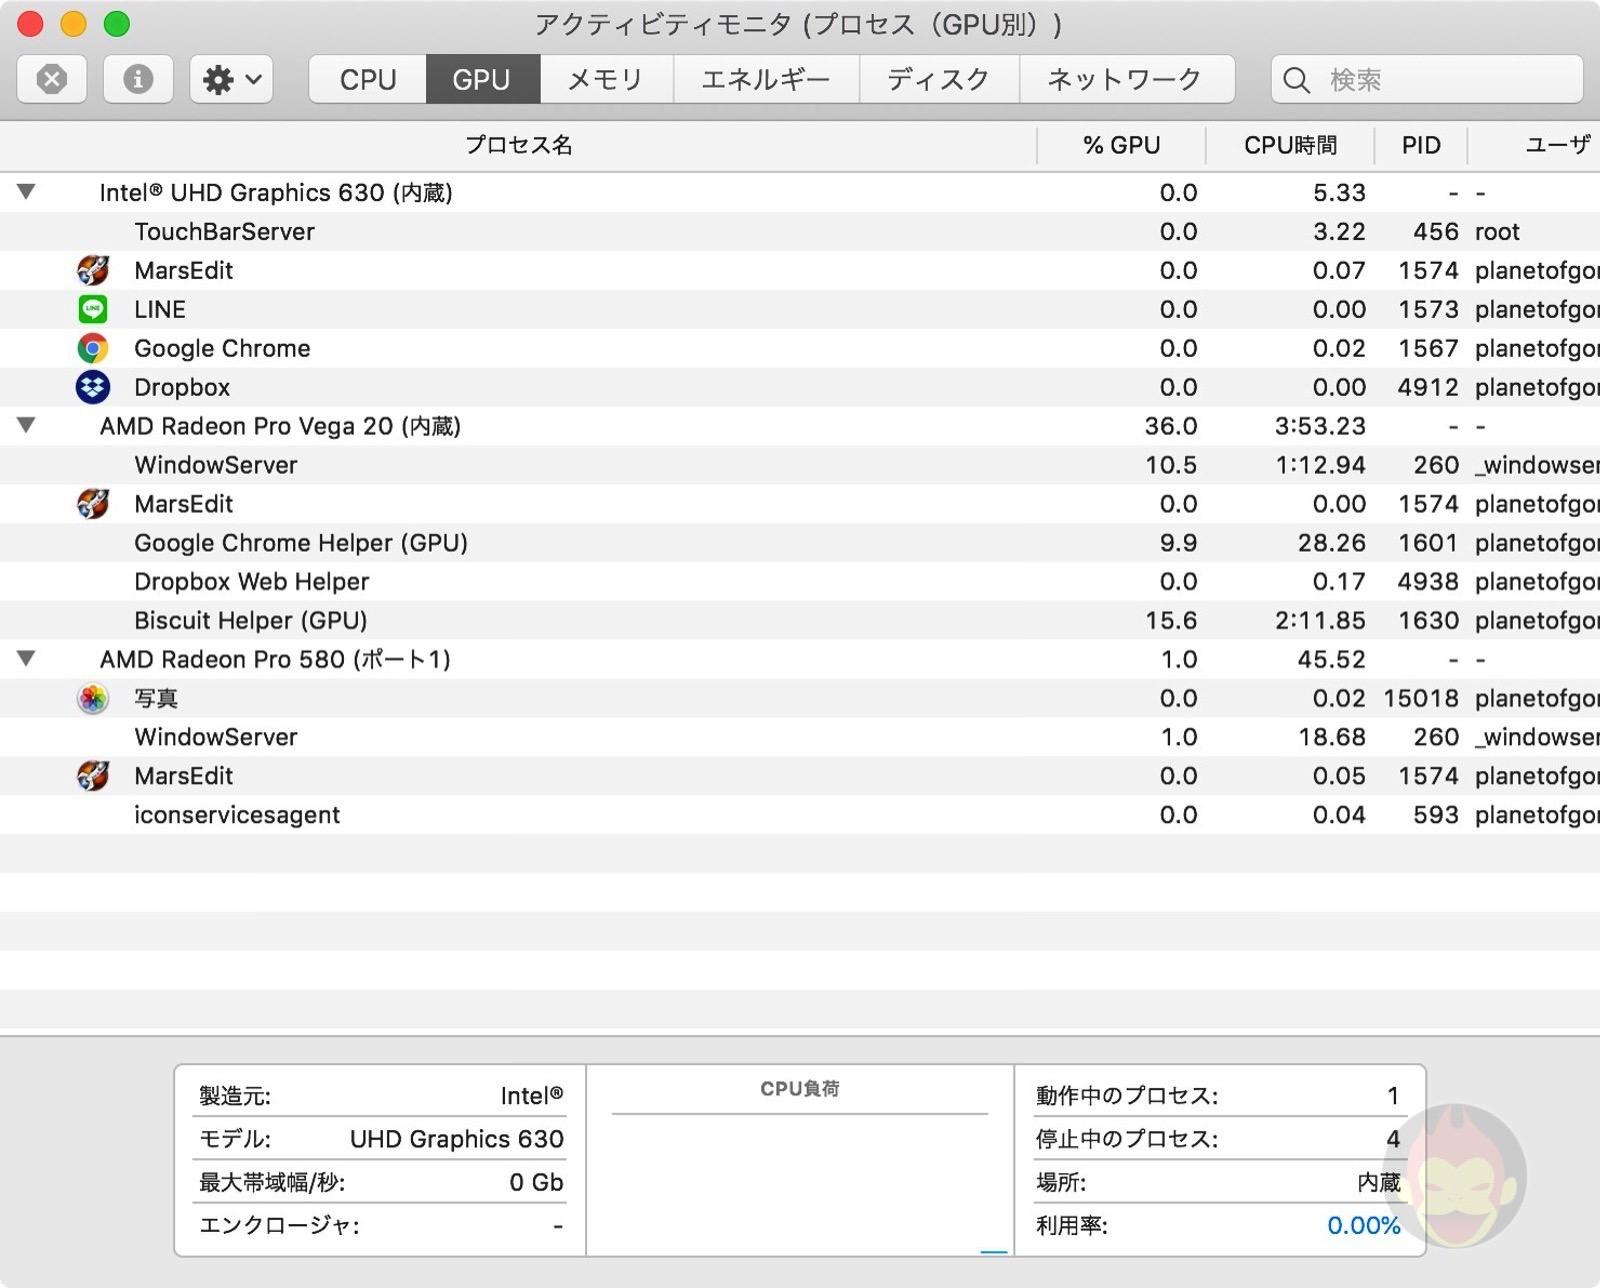 macOS-Catalina-10_15-new-updates-11.jpg